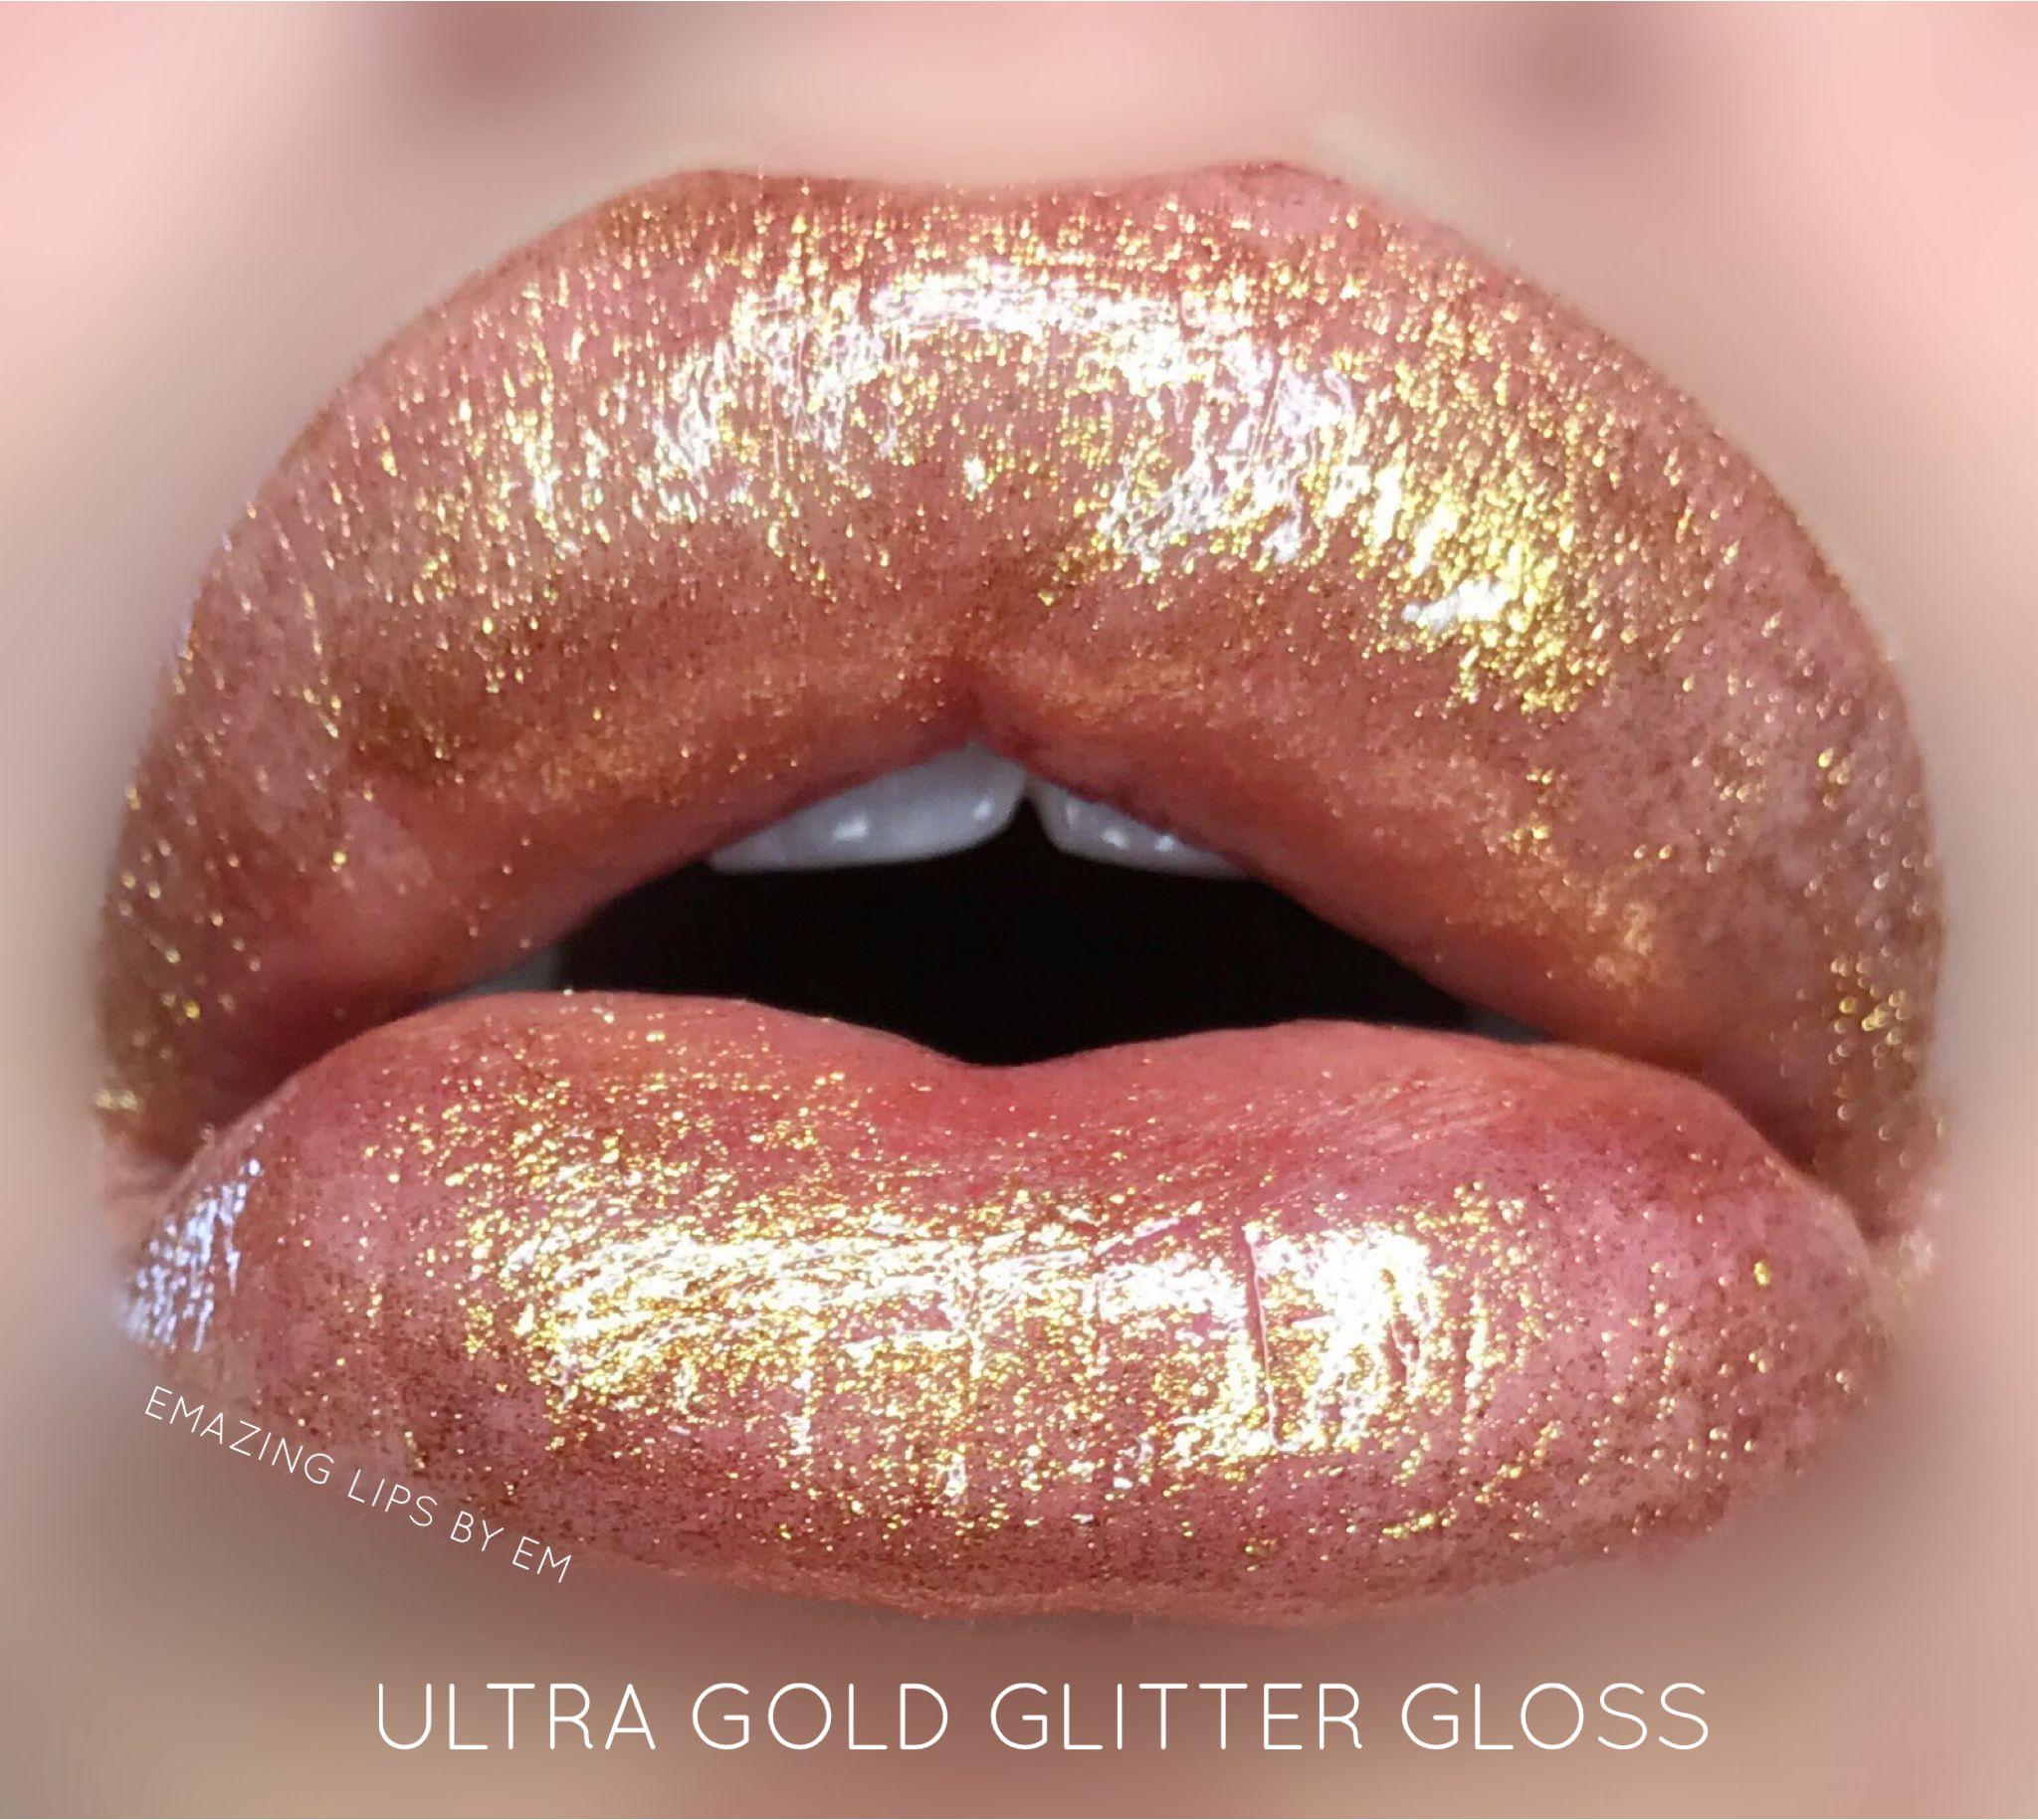 Ultra Gold Glitter Gloss Lipsense By Senegence Lip Graphic Glitter